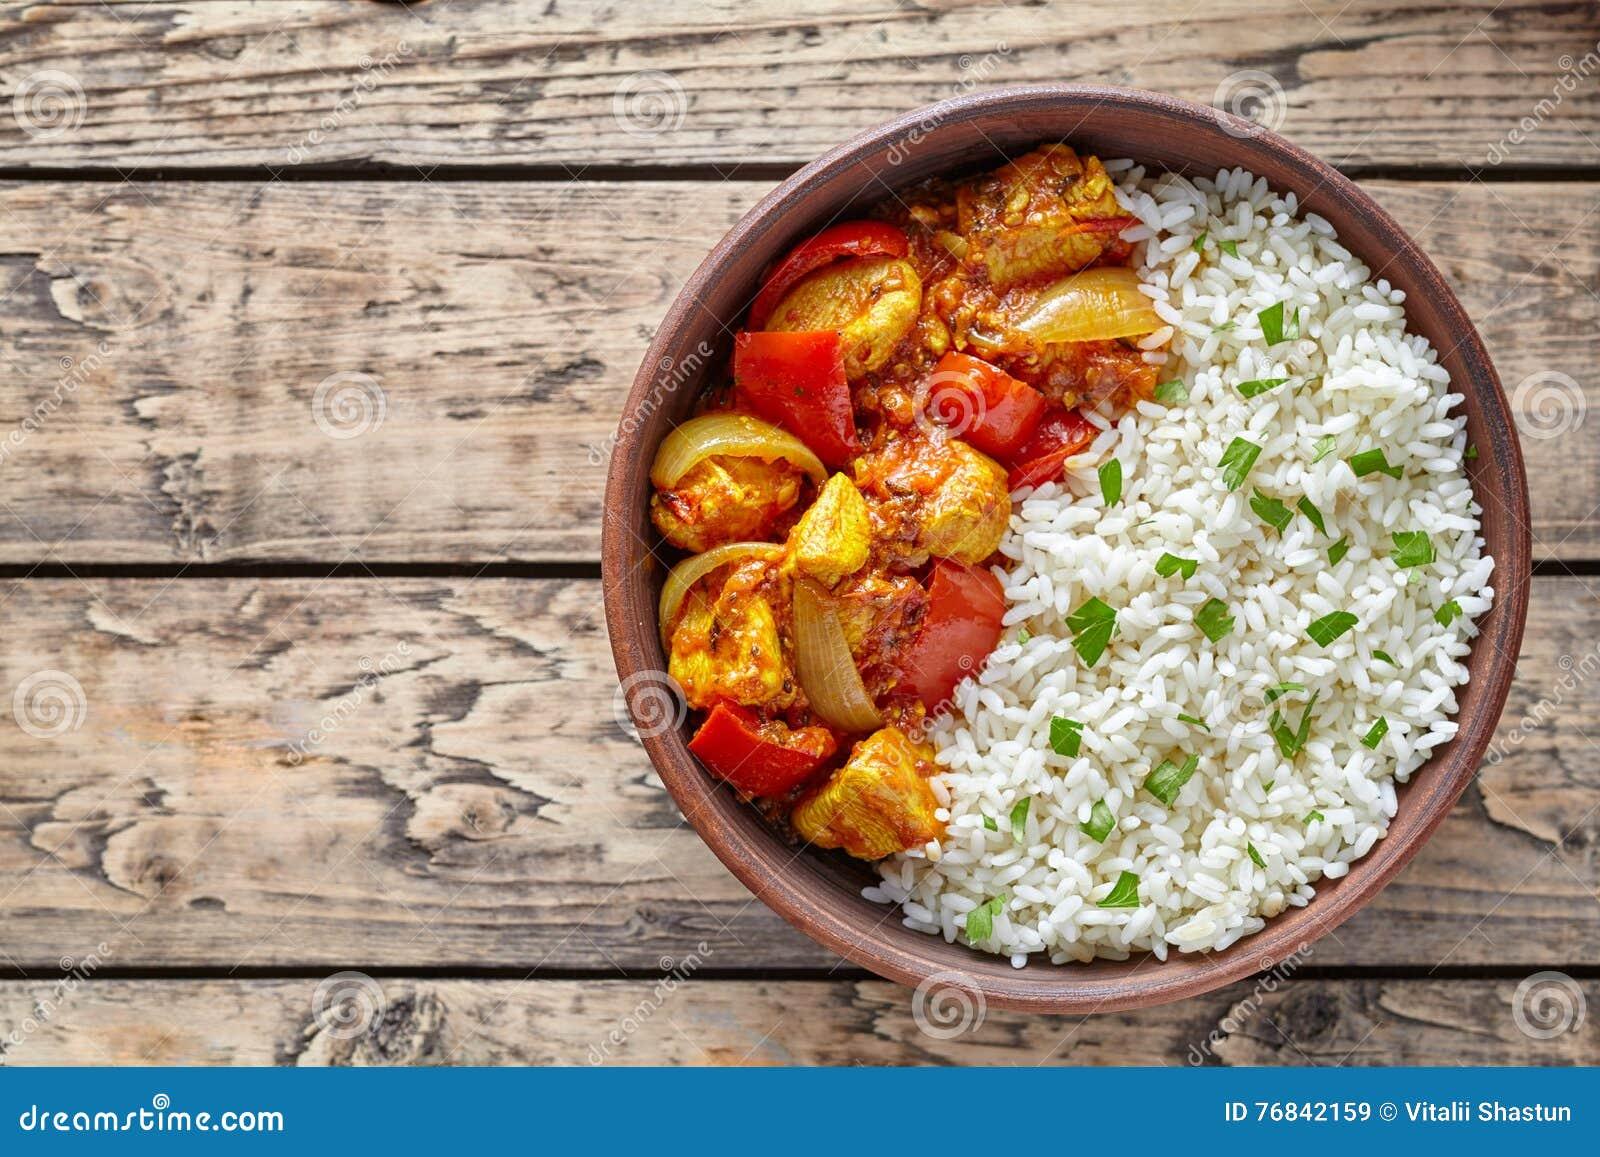 鸡jalfrezi印地安辣咖喱辣椒肉用印度大米和菜在黏土盘